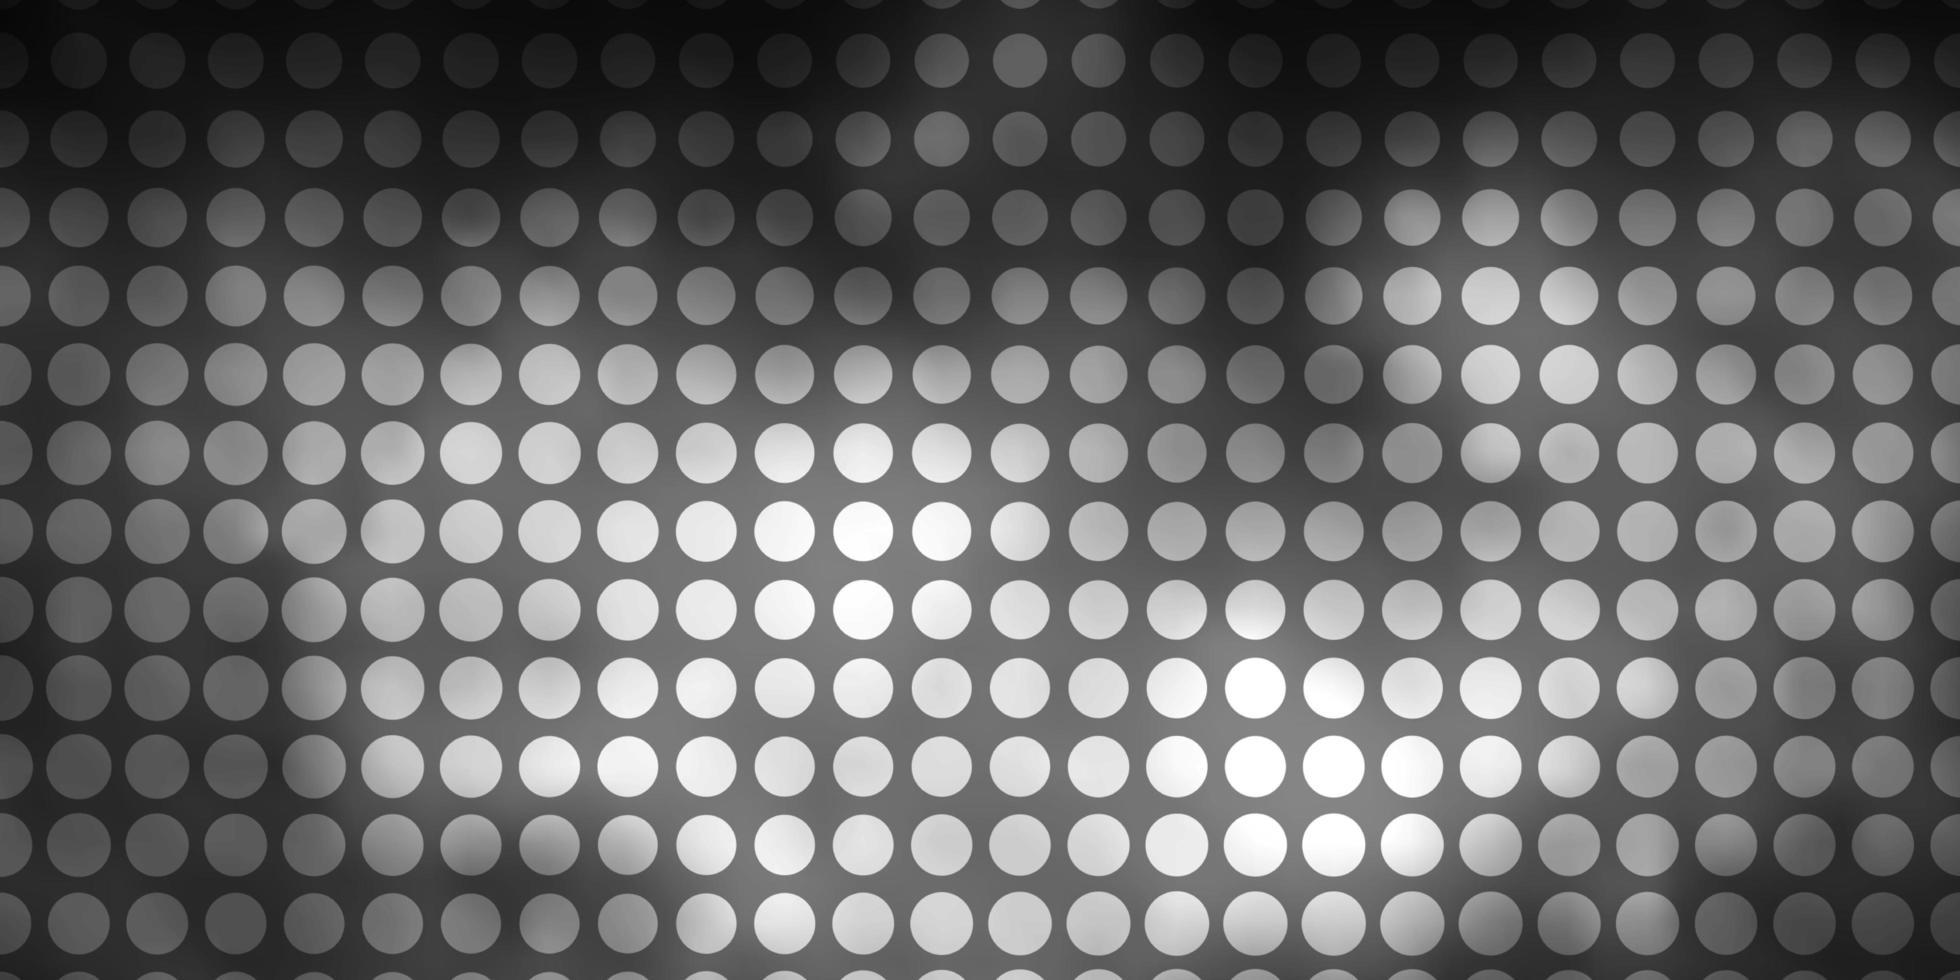 ljusgrå vektor bakgrund med cirklar.